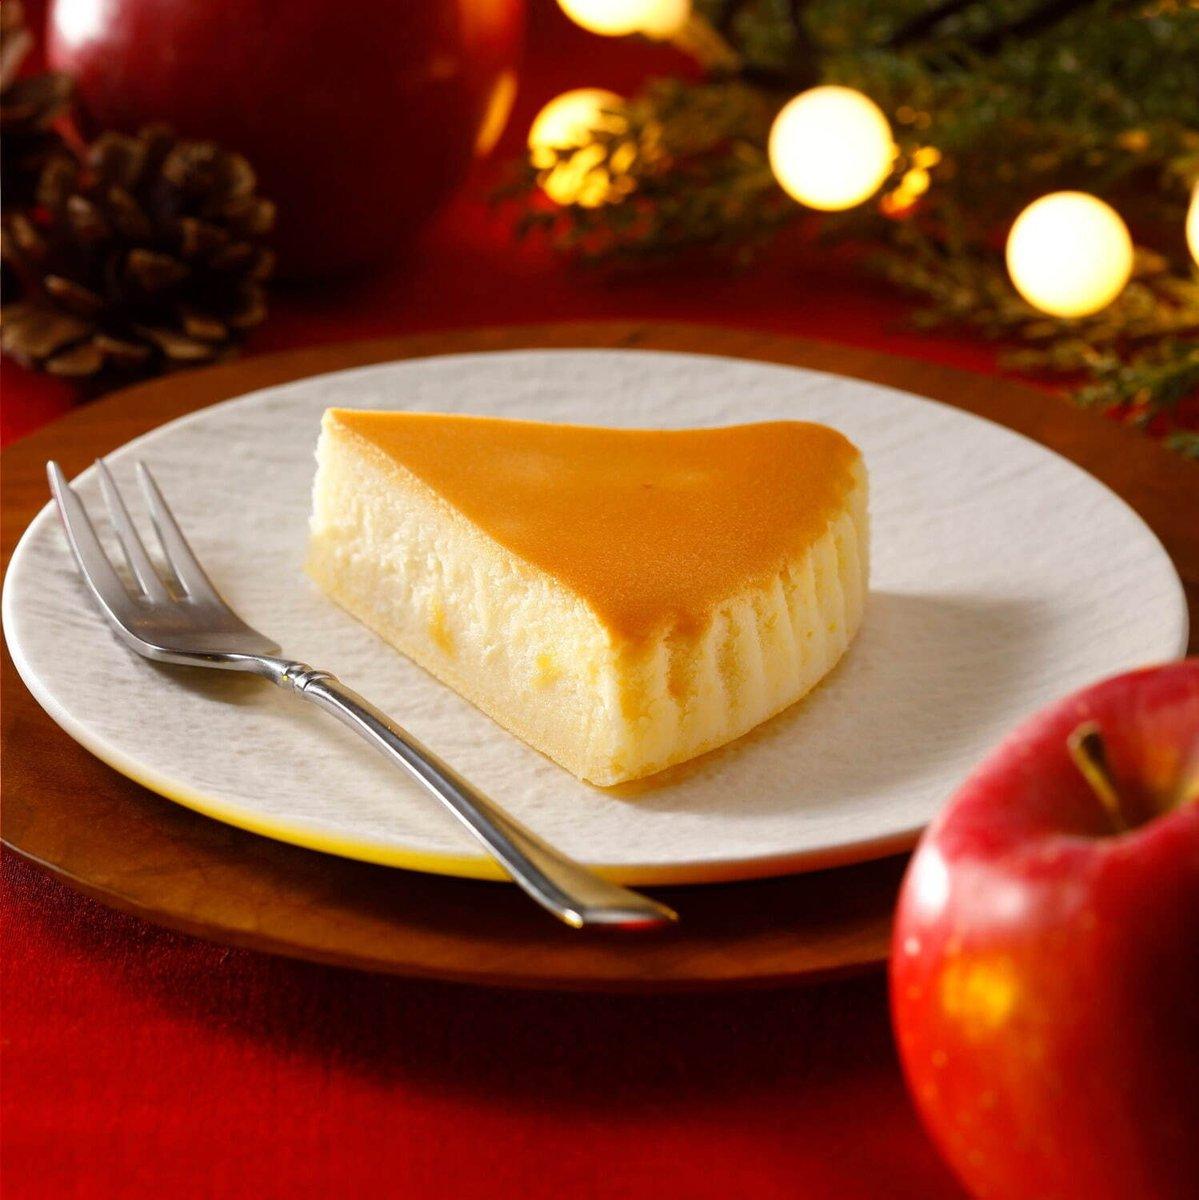 test ツイッターメディア - チーズガーデンから季節限定「御用邸あっぷるチーズケーキ」が登場。2021年11月1日(月)から2022年1月25日(火)まで販売予定だ。  販売店舗:チーズガーデン全店、オンラインショップ https://t.co/jovRiSZdBN